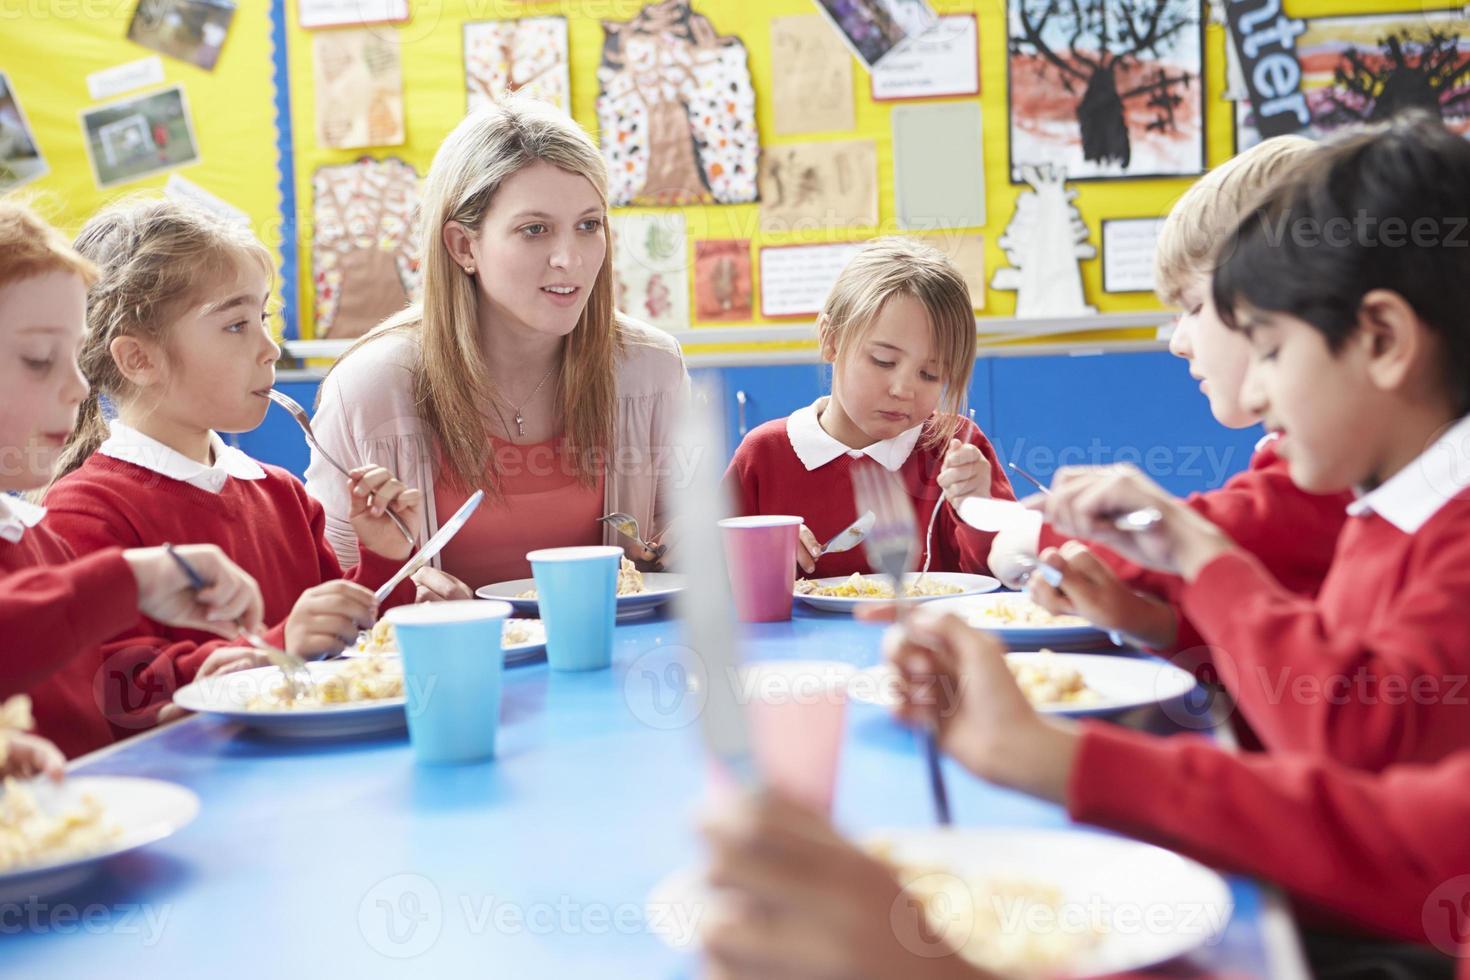 écoliers, prof, séance, table photo